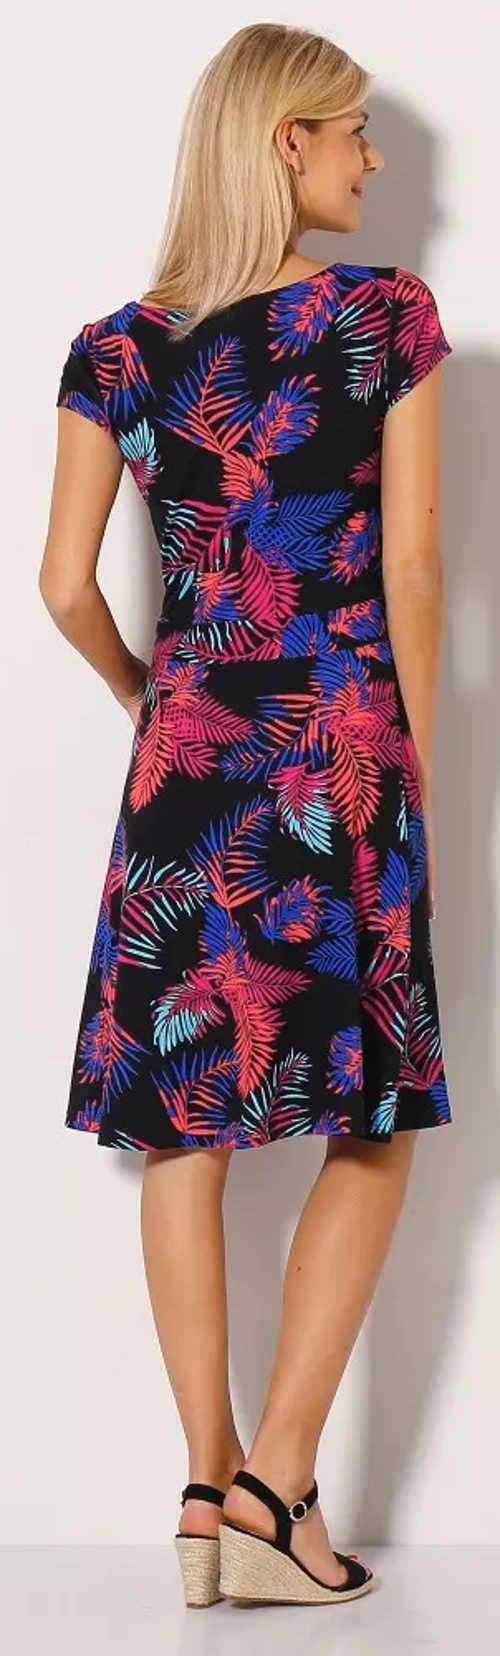 Fekete női nyári ruha színes virágmintával